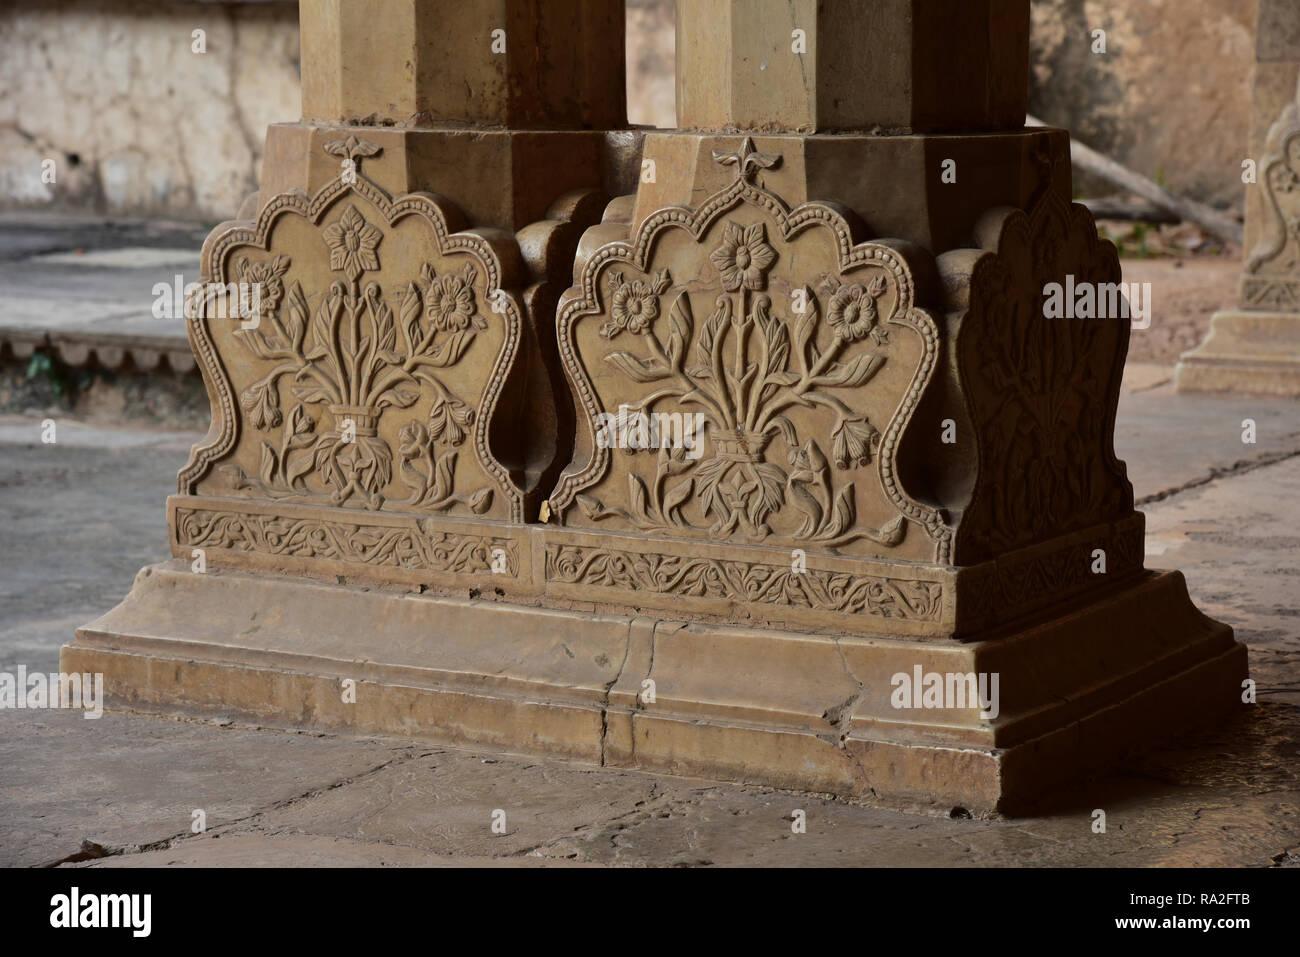 Rajput-stile floreale intagliato basi dei pilastri di pietra trovata in tutto il meraviglioso Palazzo Garh, Bundi, Rajasthan, stato dell India occidentale, in Asia. Immagini Stock